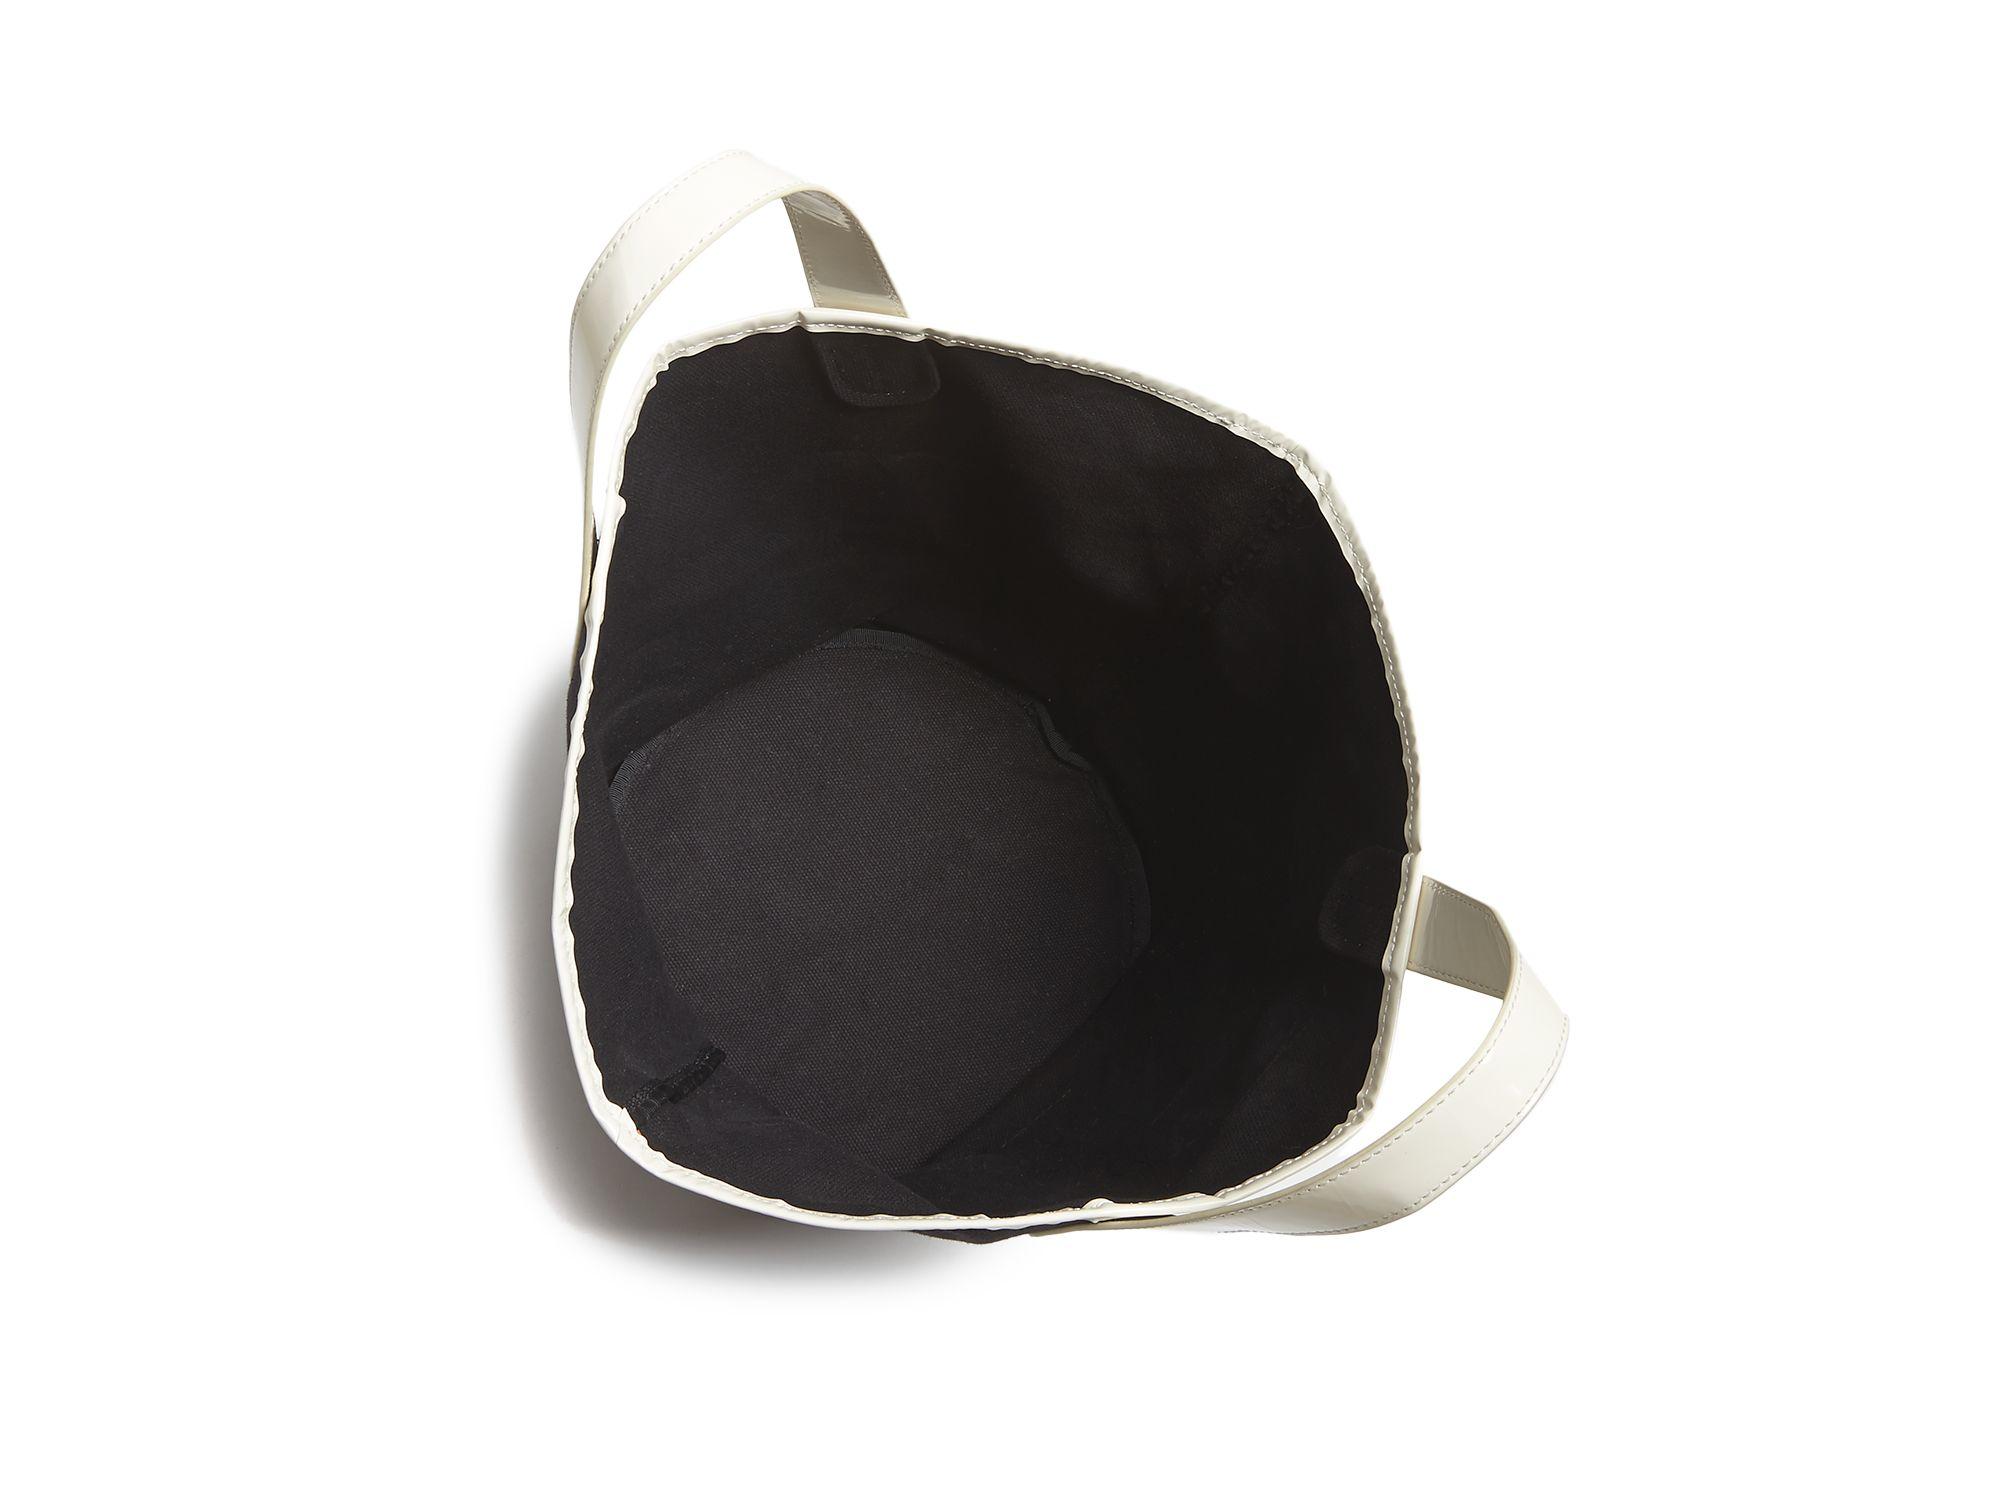 Frances Valentine Fv Canvas Tote in Black/White (Black)